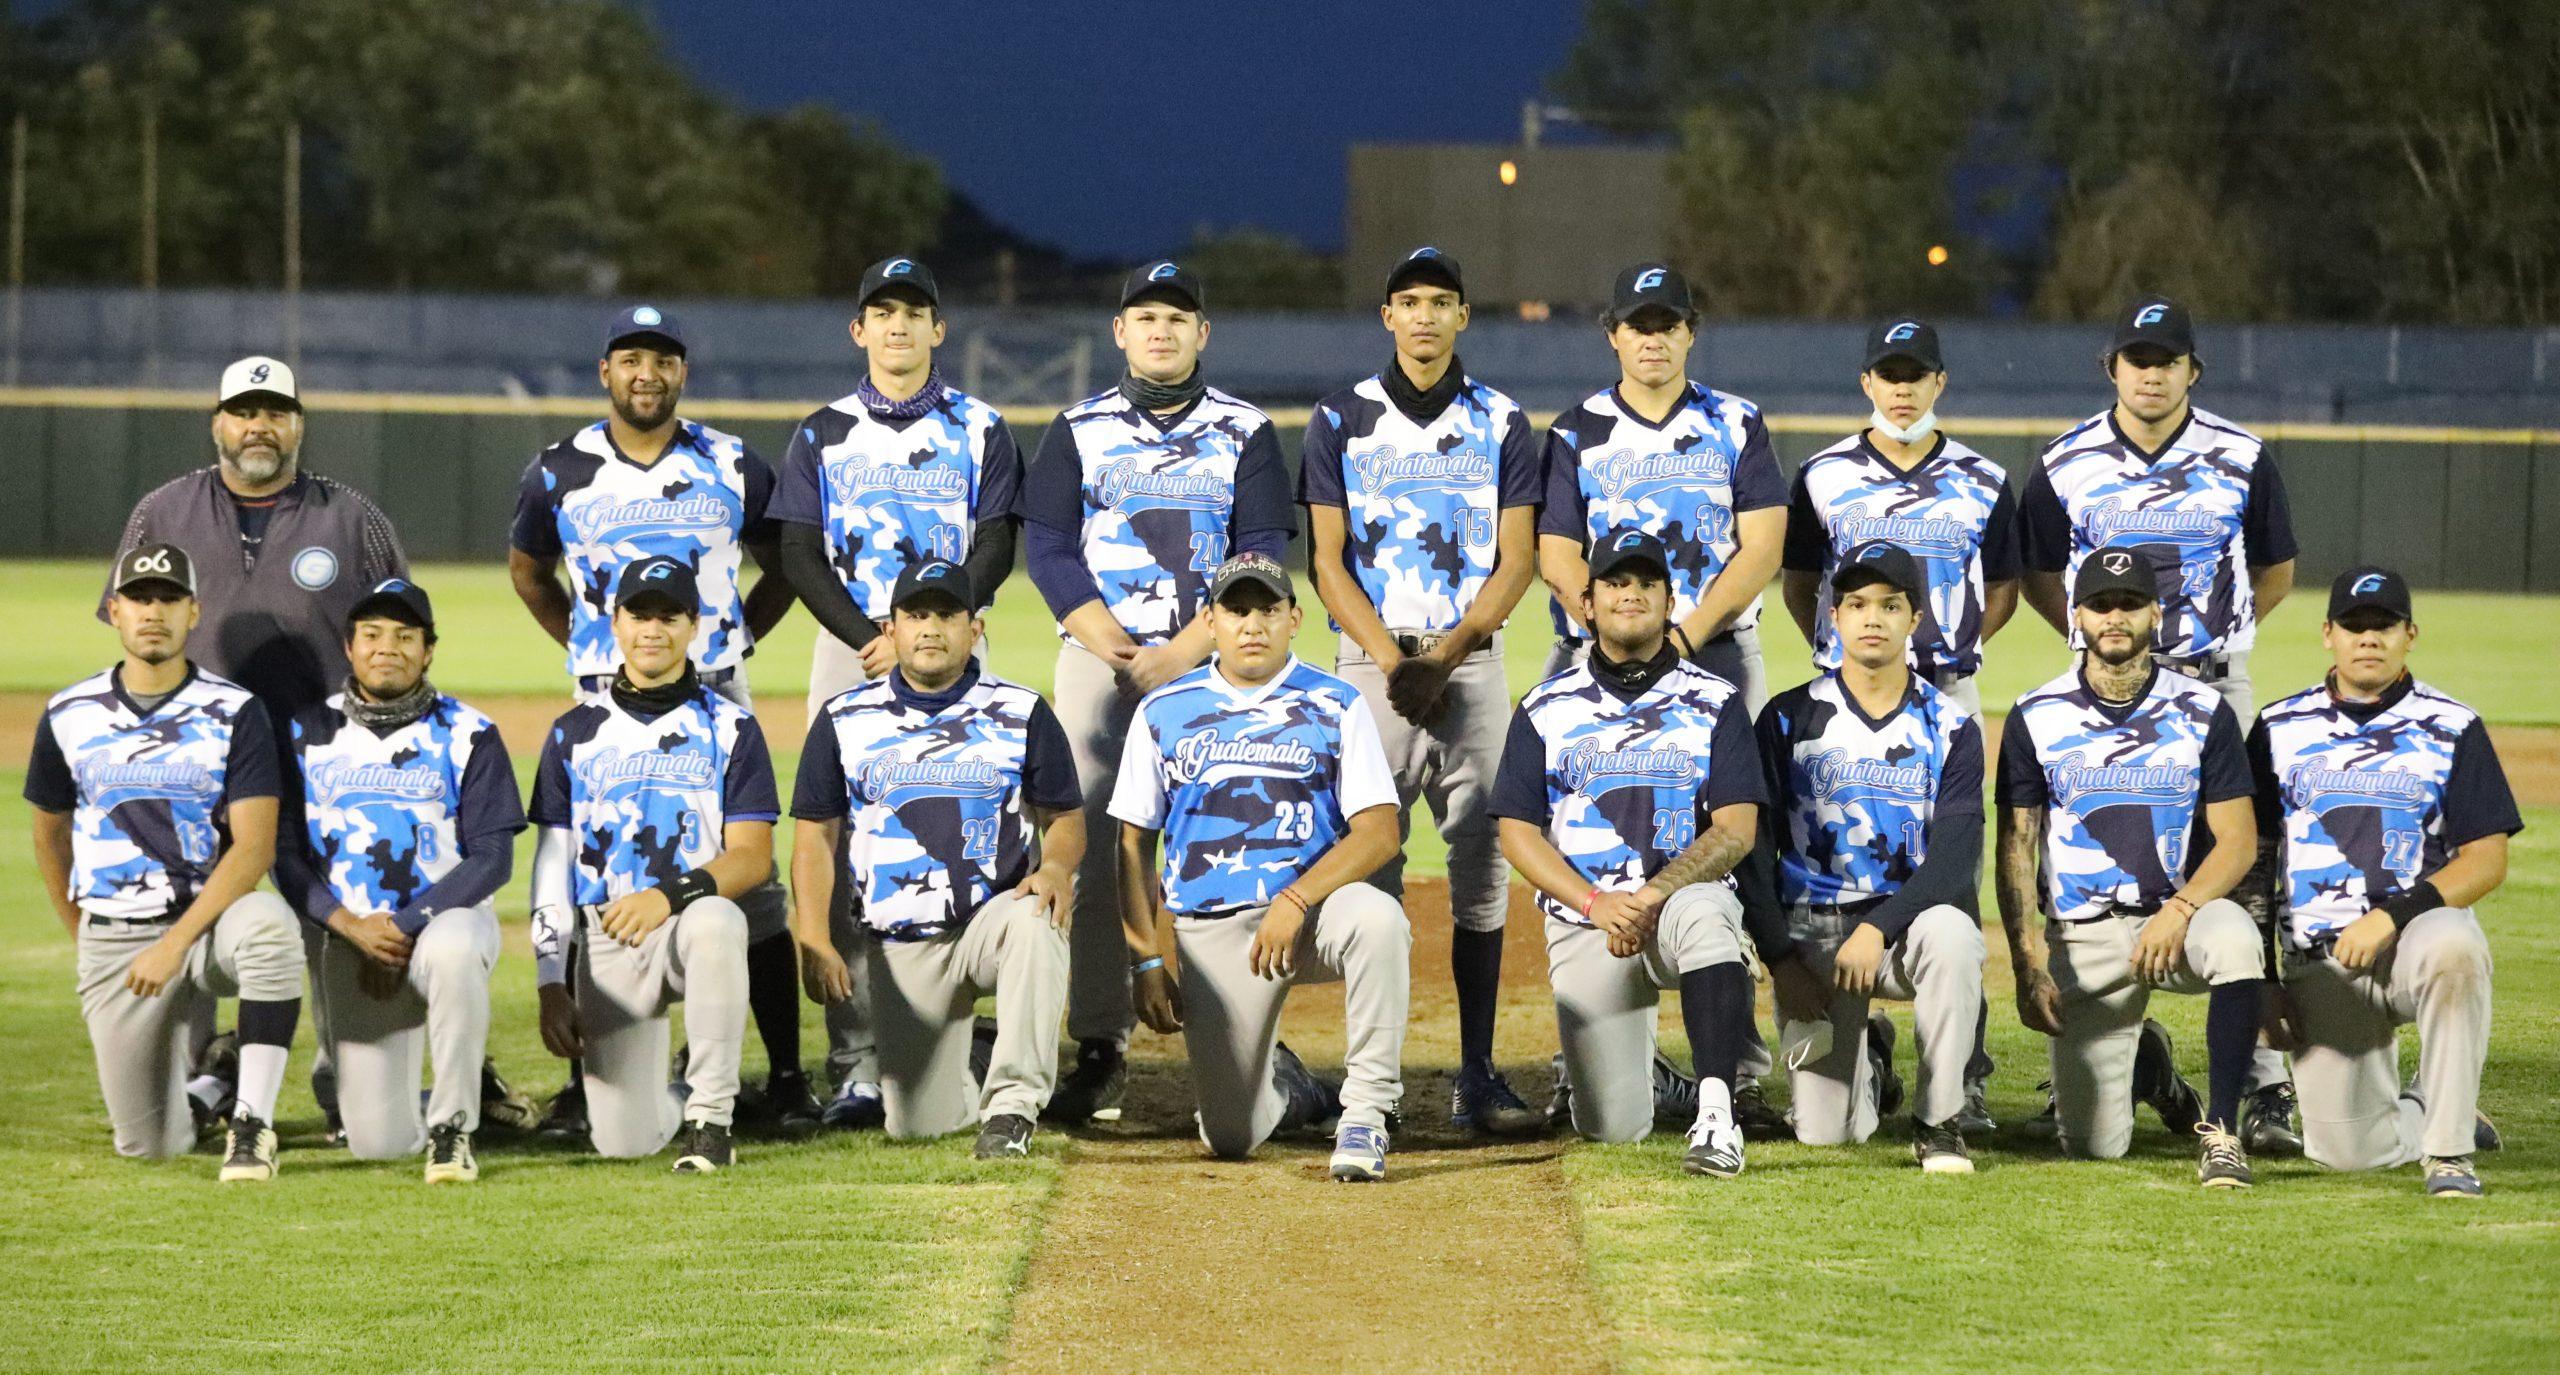 La Serie Internacional Escarré es el reto a vencer para Guatemala